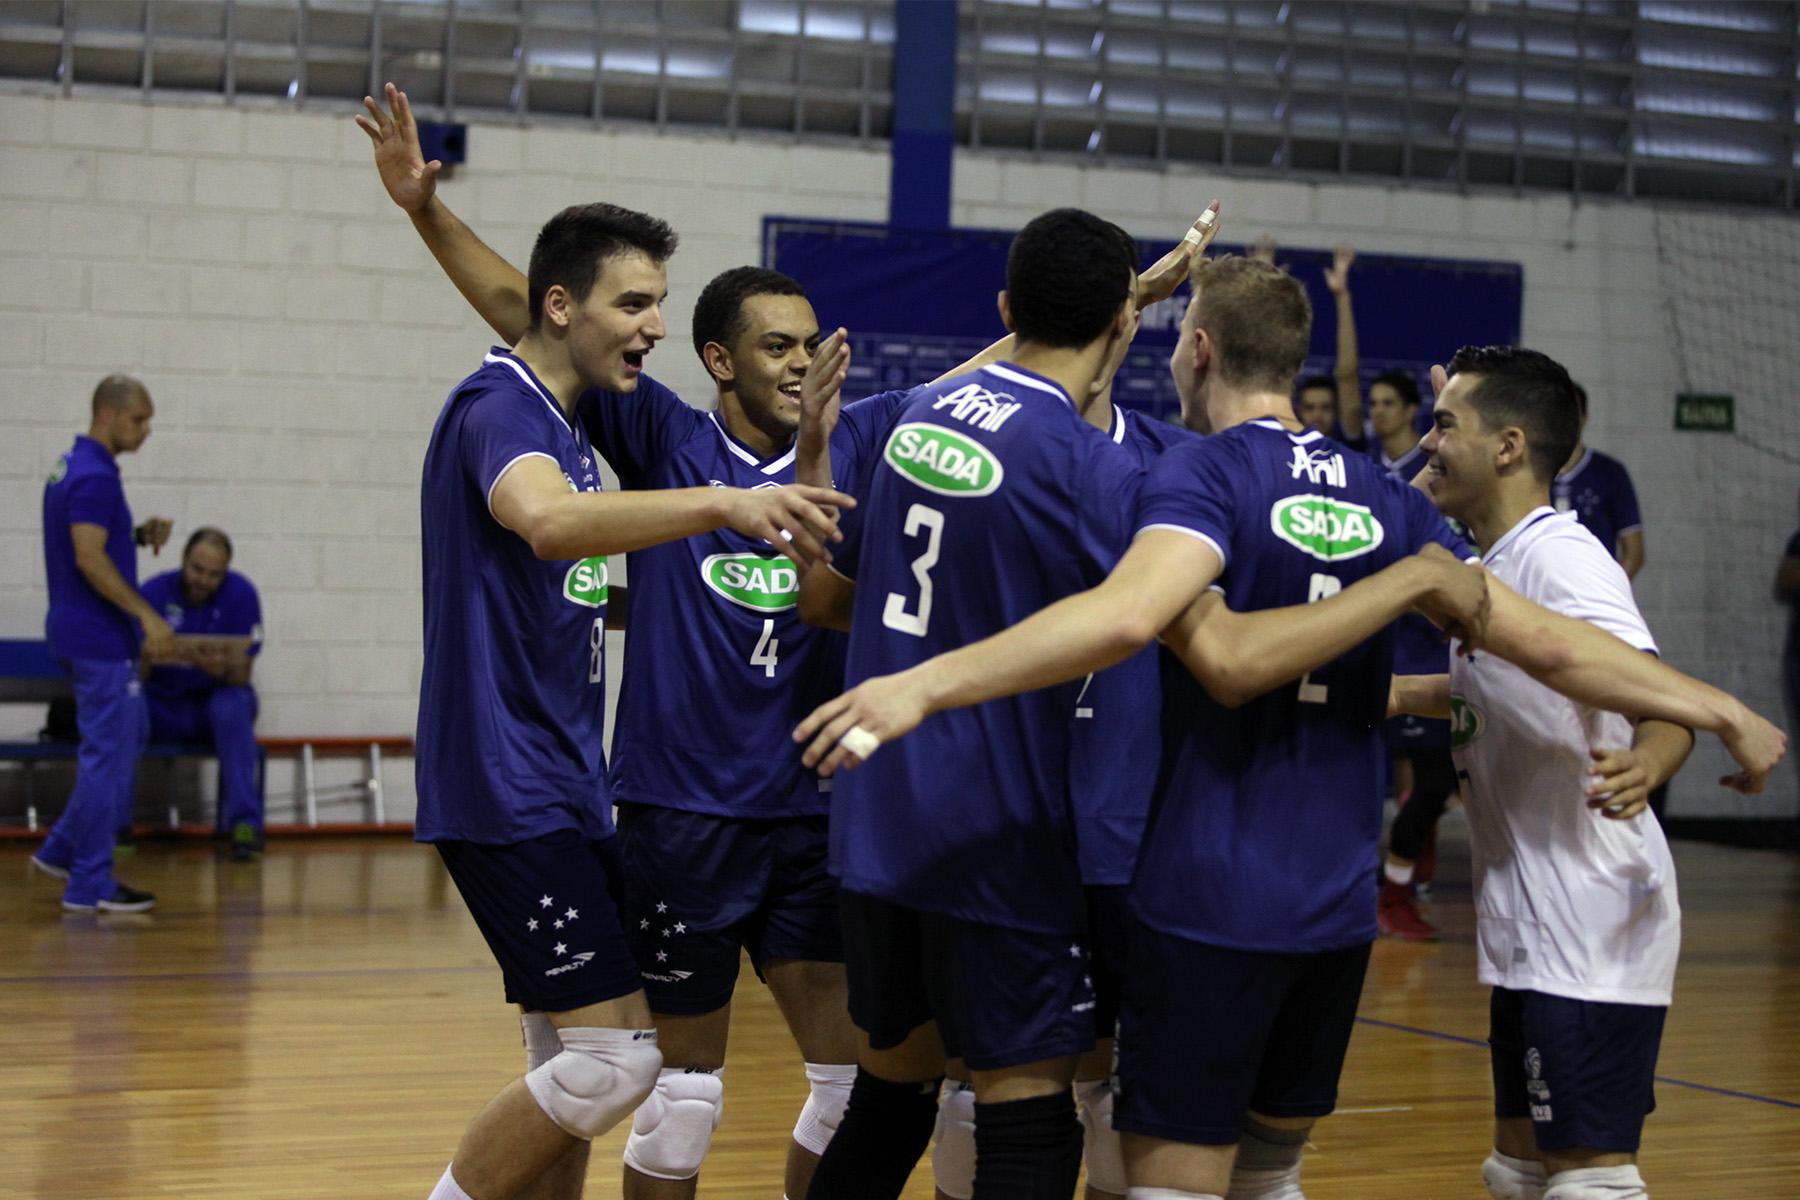 Sada Cruzeiro derrota Minas novamente e é tetracampeão metropolitano ... 5695646870ebd